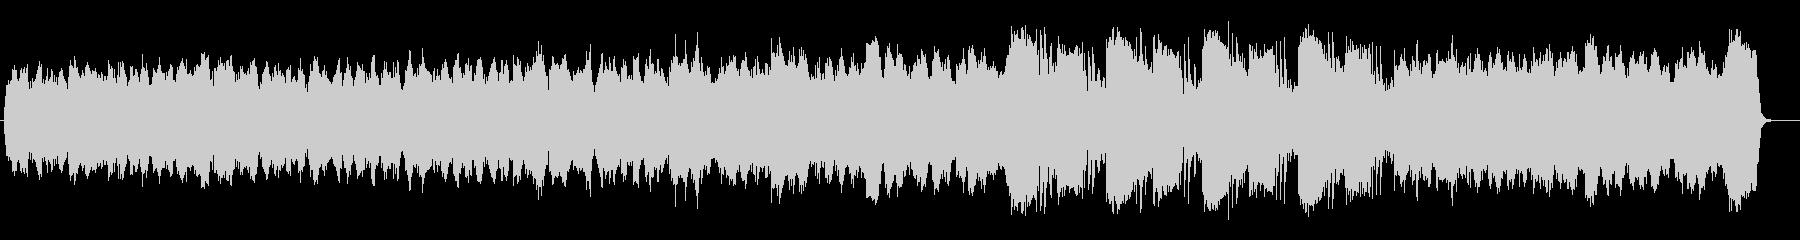 知的なサイエンスティックミュージックの未再生の波形